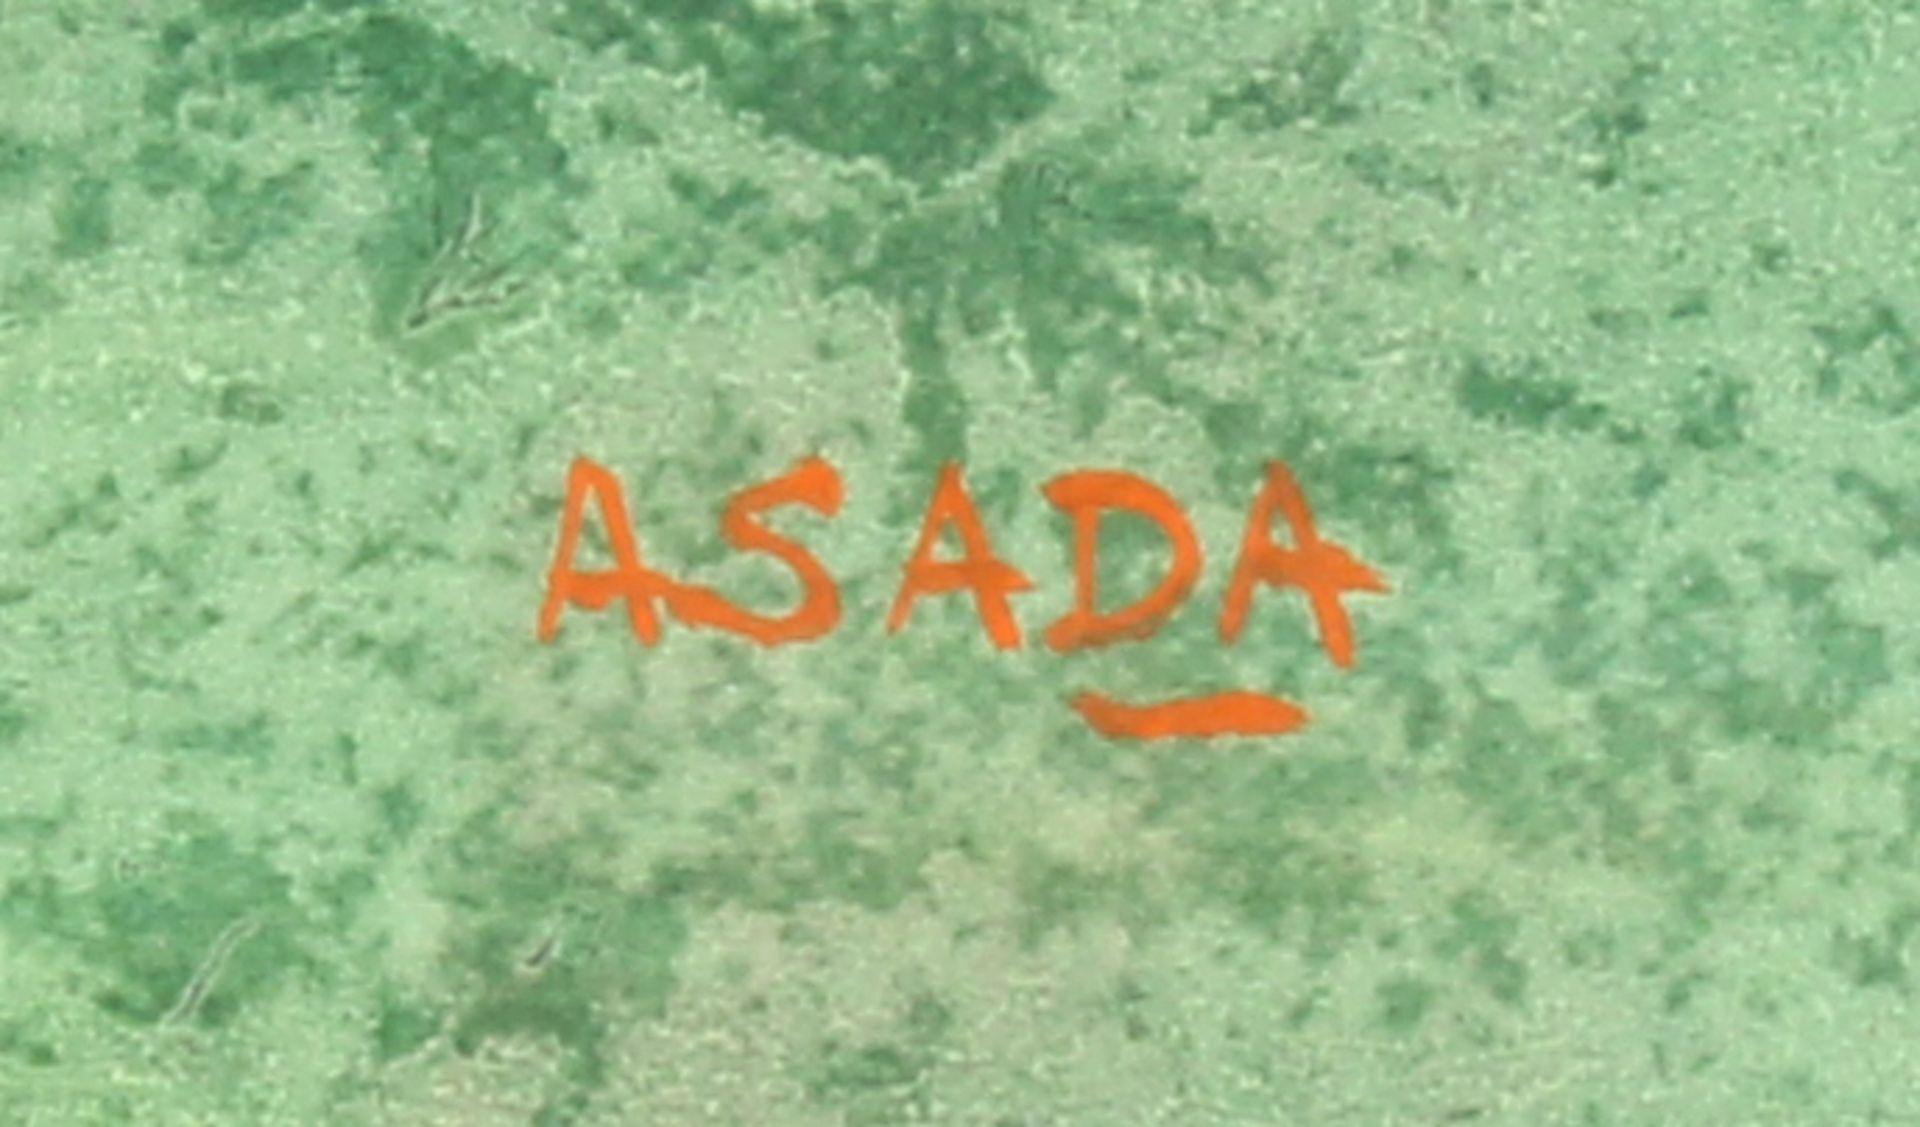 Asada, Hiroshi (1931 - 1997), - Bild 3 aus 4